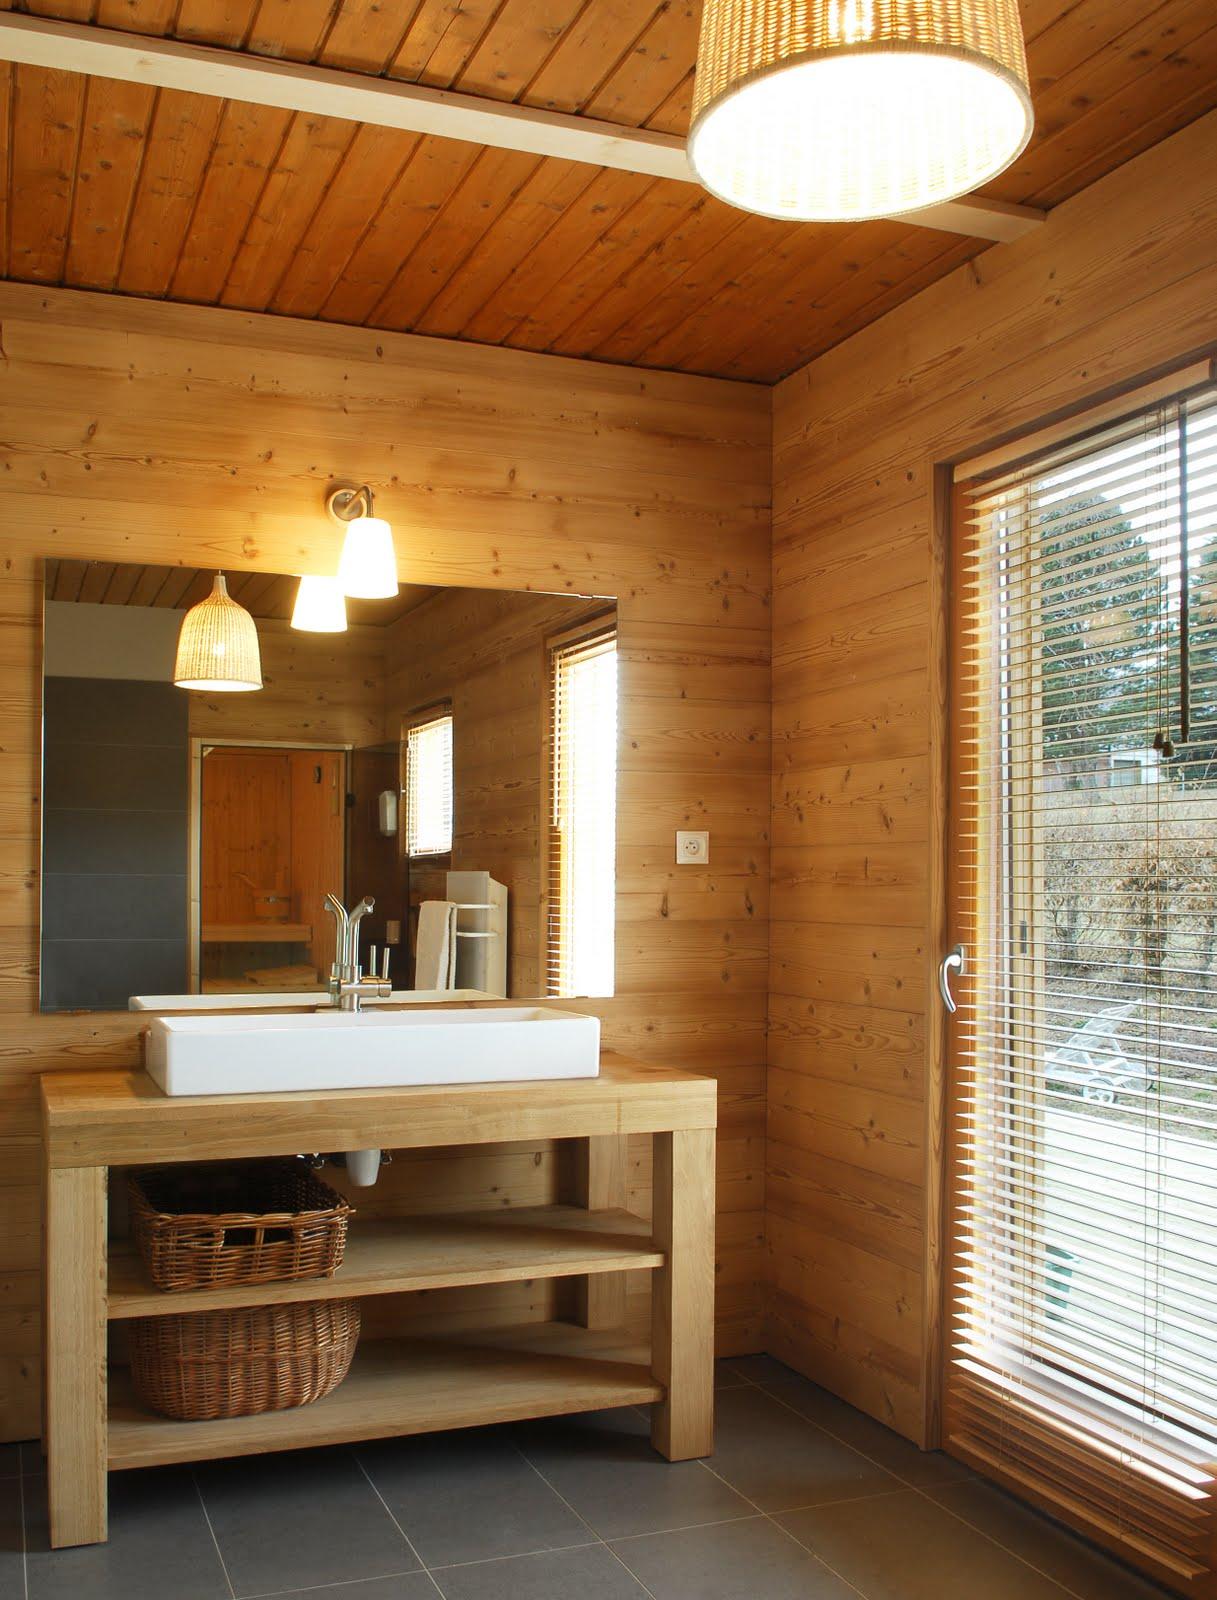 CHALET à AUBURE: Salles de Bains - Sauna